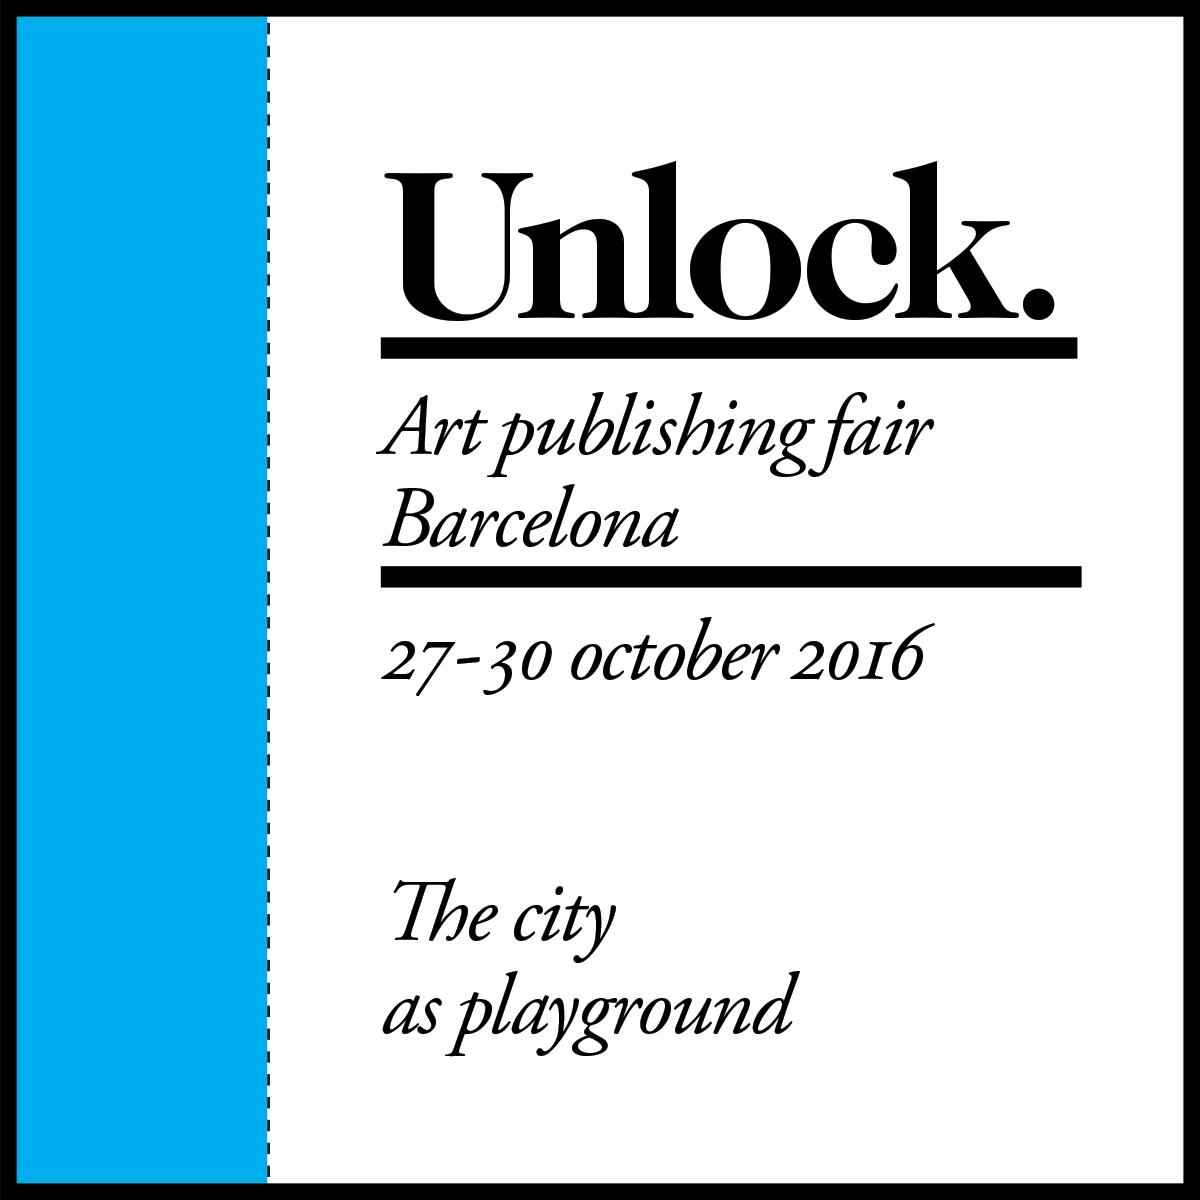 Unlock-art-publishing-fair-2016